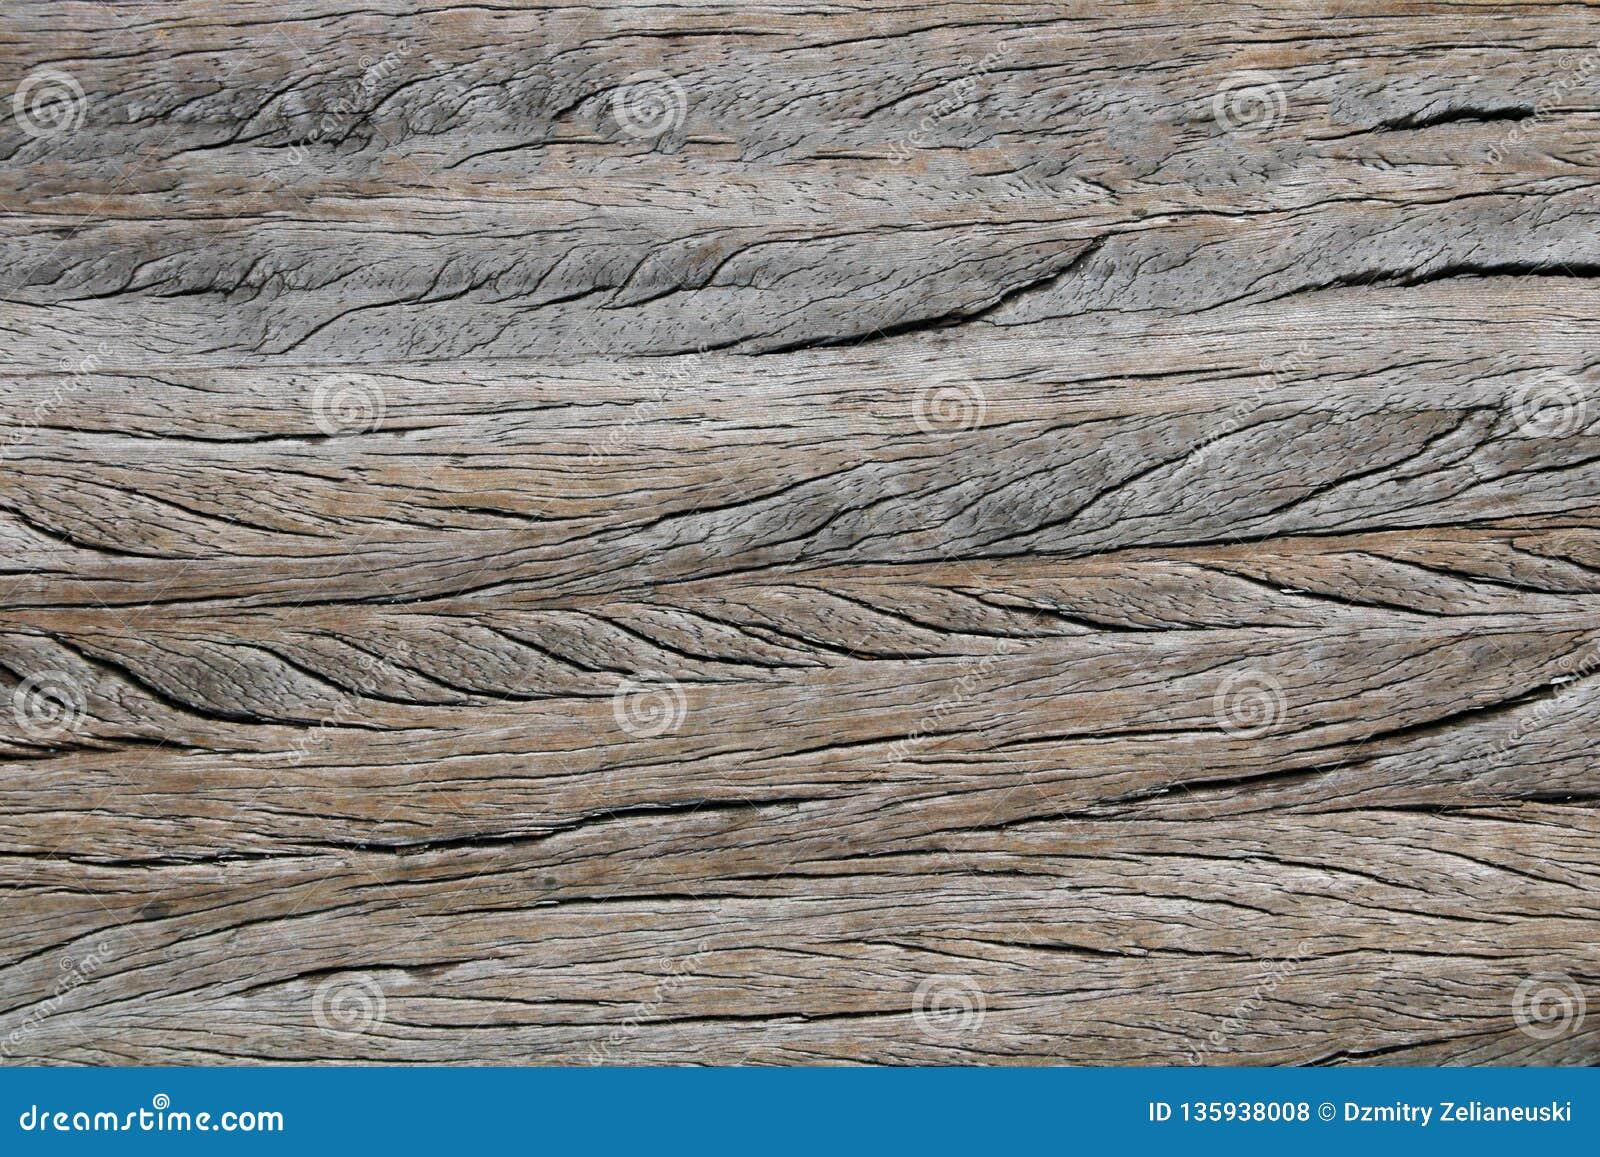 Texture piastrelle mosaico dinformazione fotografie stock e